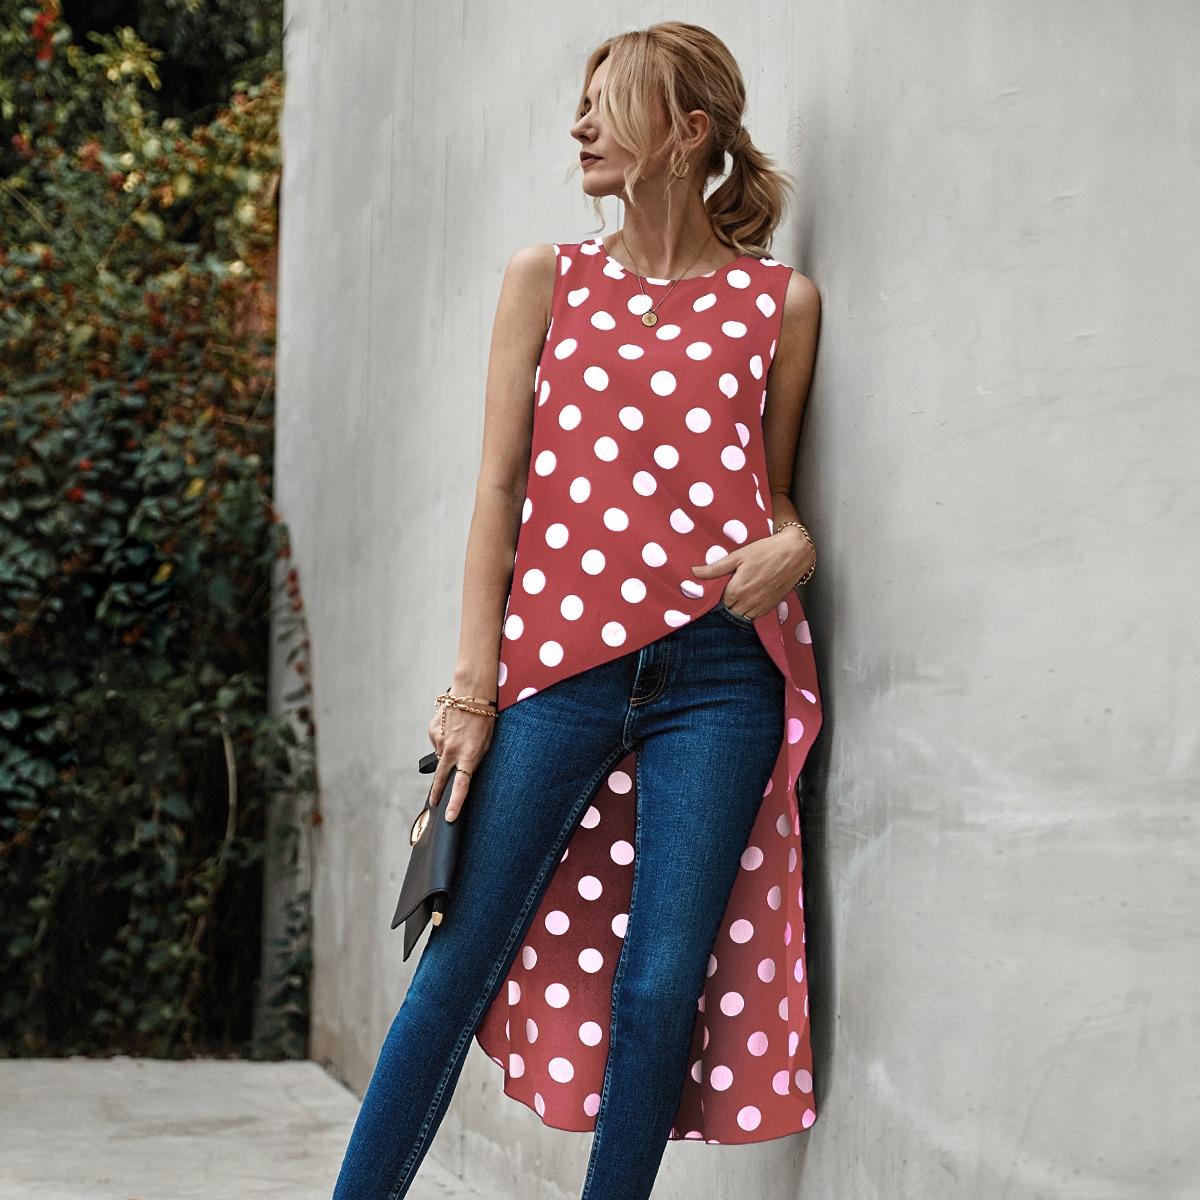 Асимметричная длинная блузка в горошек без рукавов SheIn swblouse23210510395